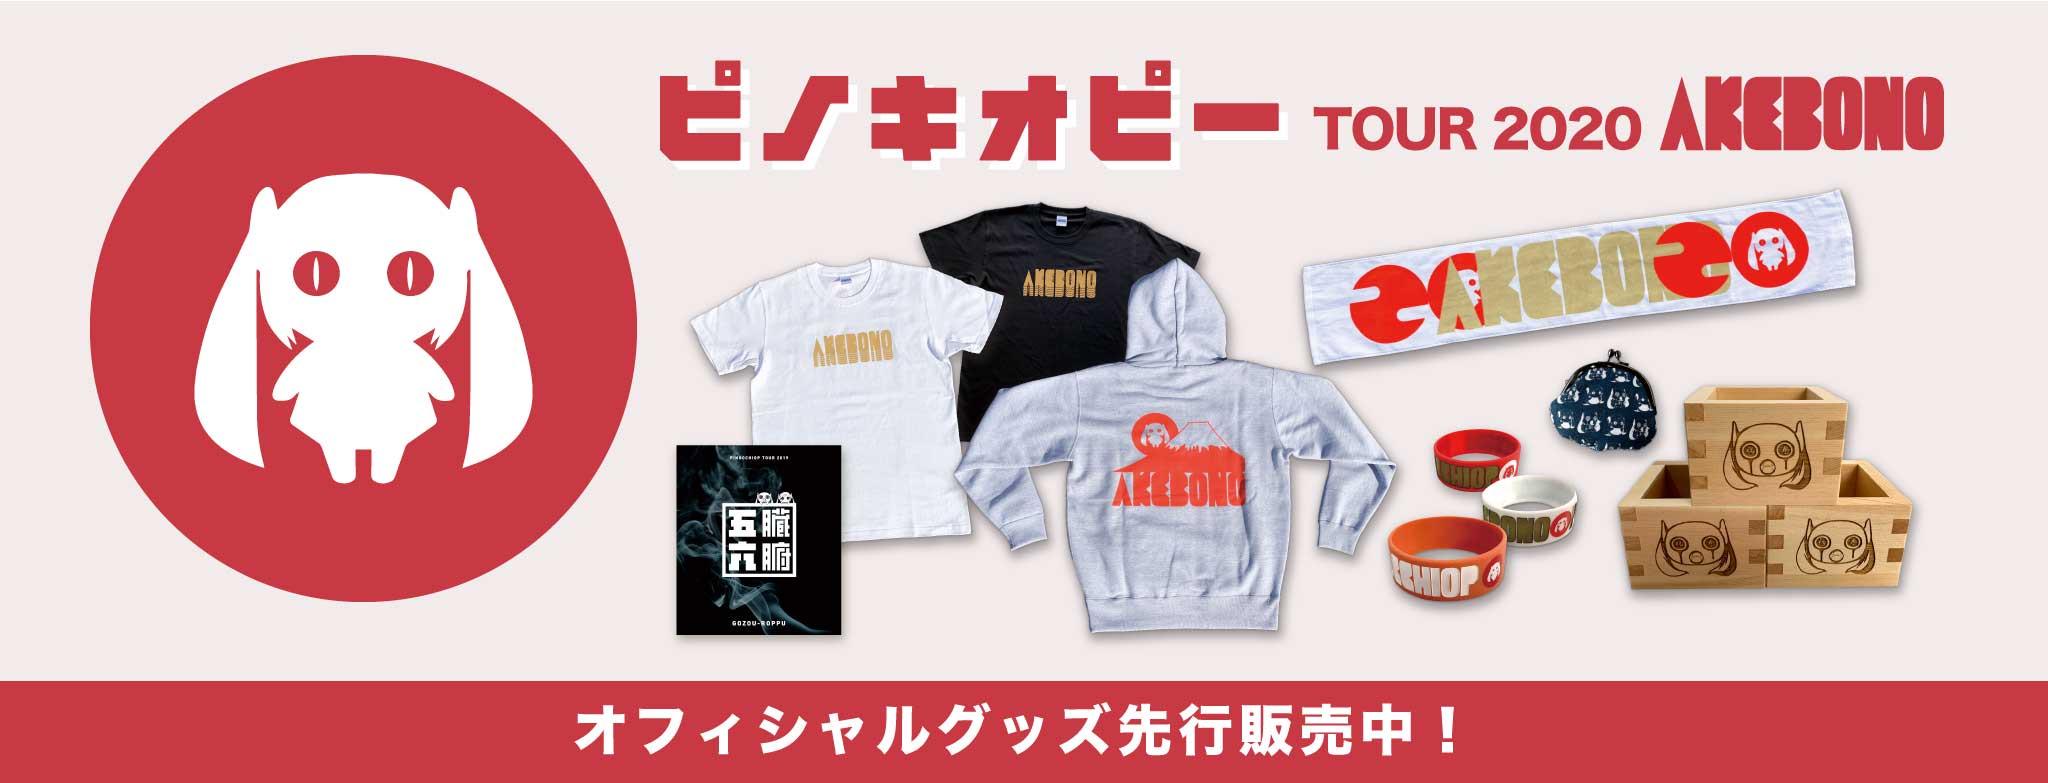 ピノキオピー ツアー2020 -AKEBONO- グッズ先行販売中!